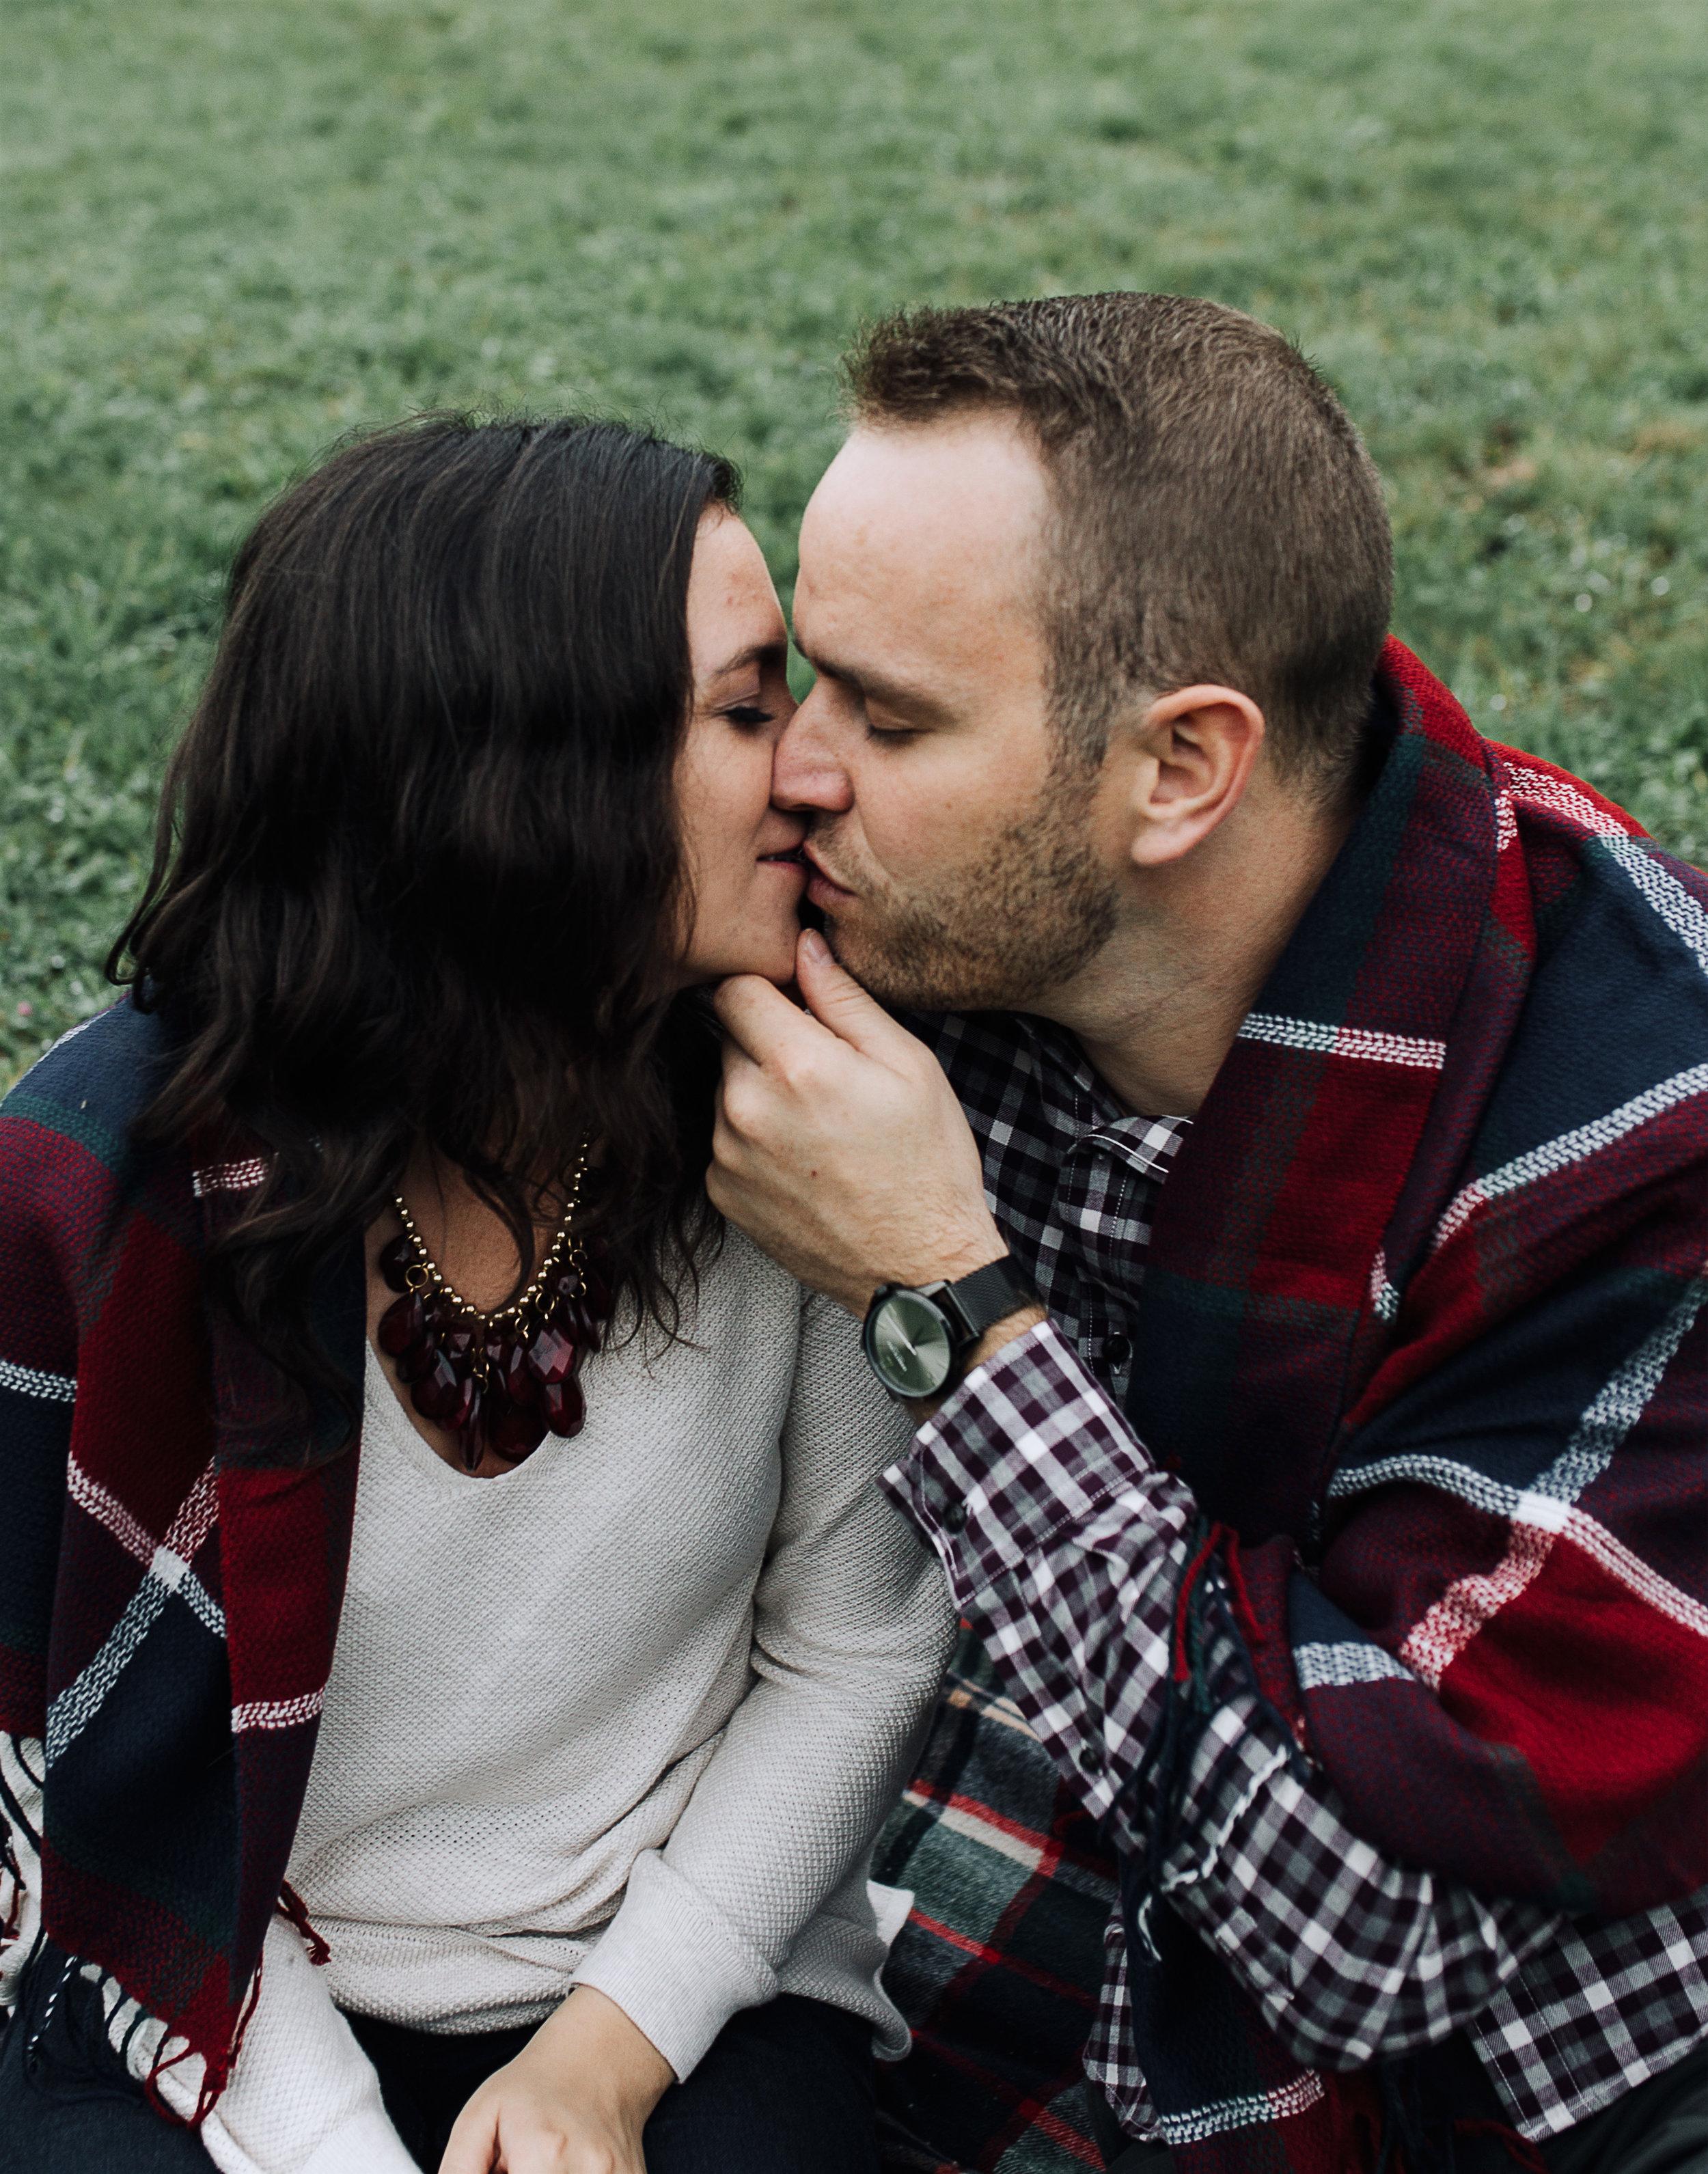 Evie&Glenn10.14.17-97.jpg